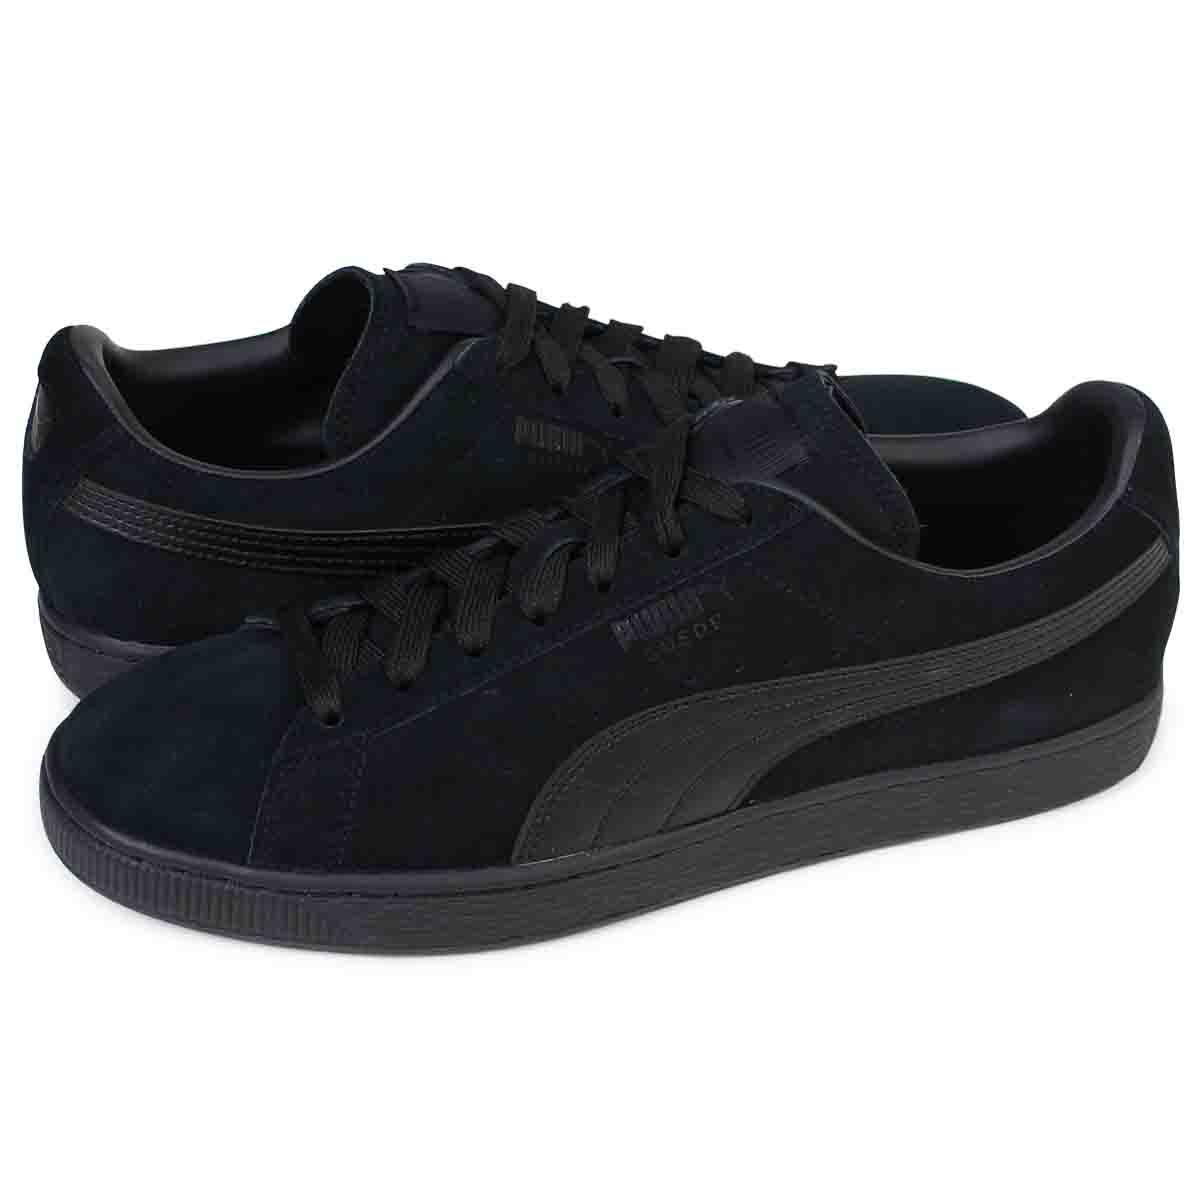 94605913a4a PUMA SUEDE CLASSIC + LFS Puma suede classical music sneakers 356,328-01  men's shoes black ...